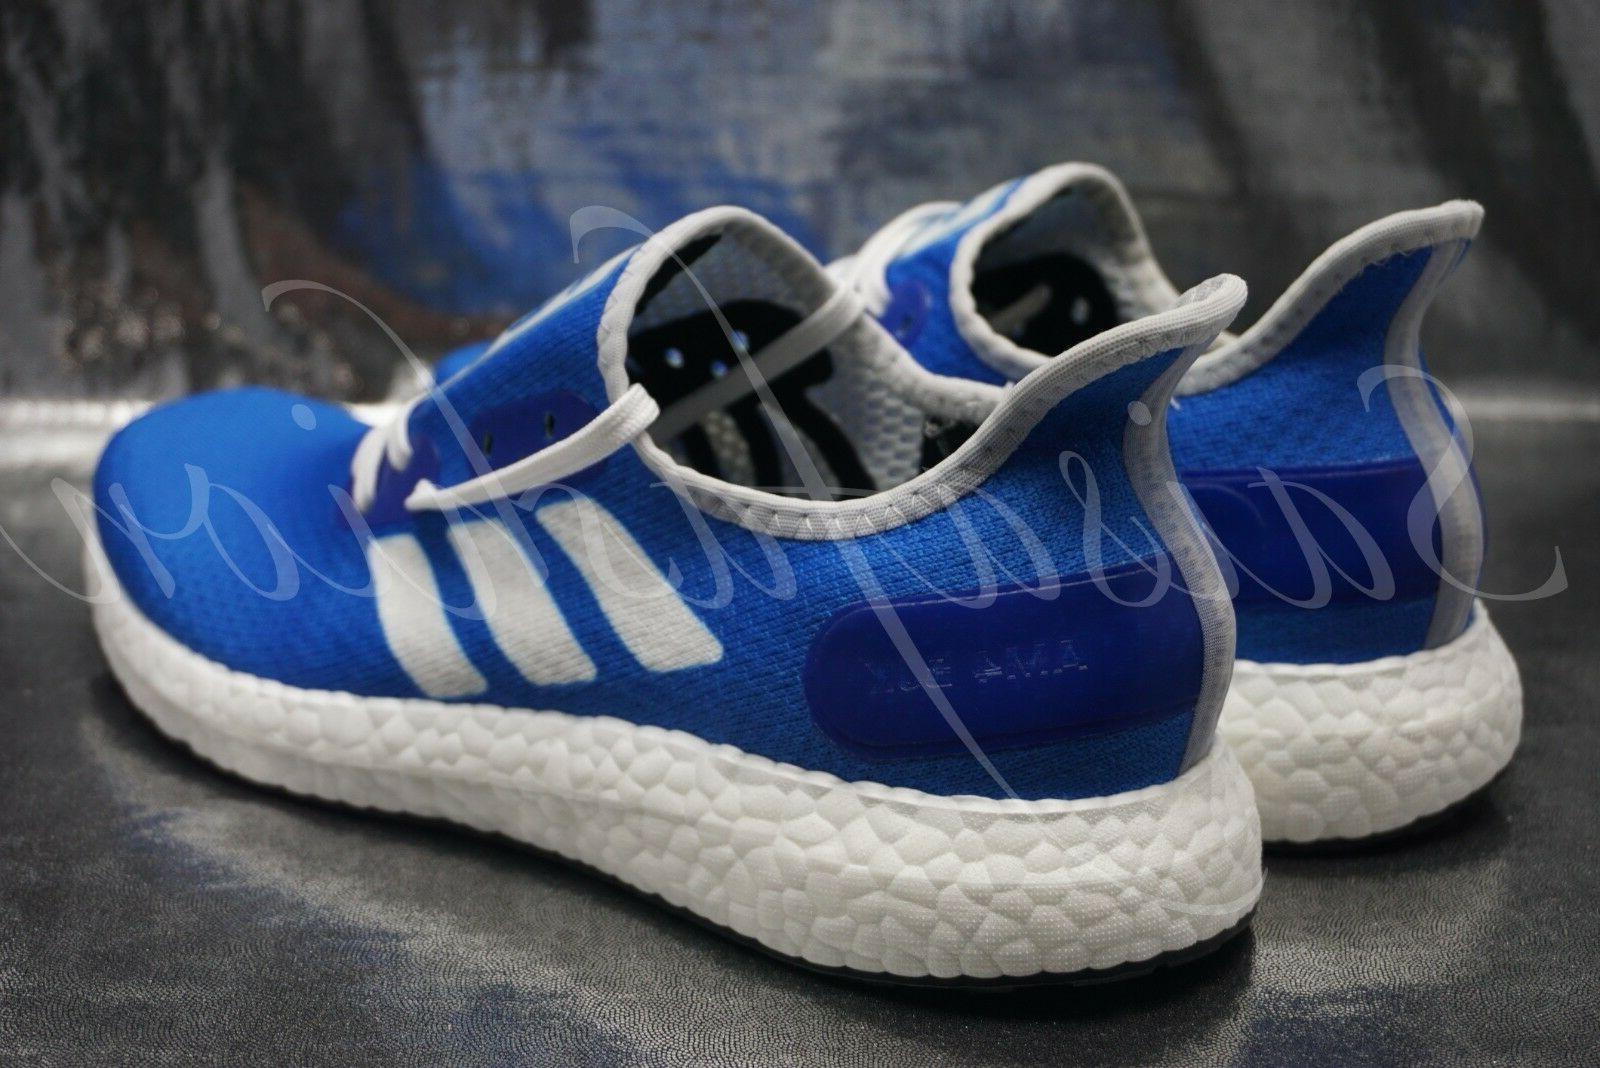 Adidas Speed Billie Jean of 300 7